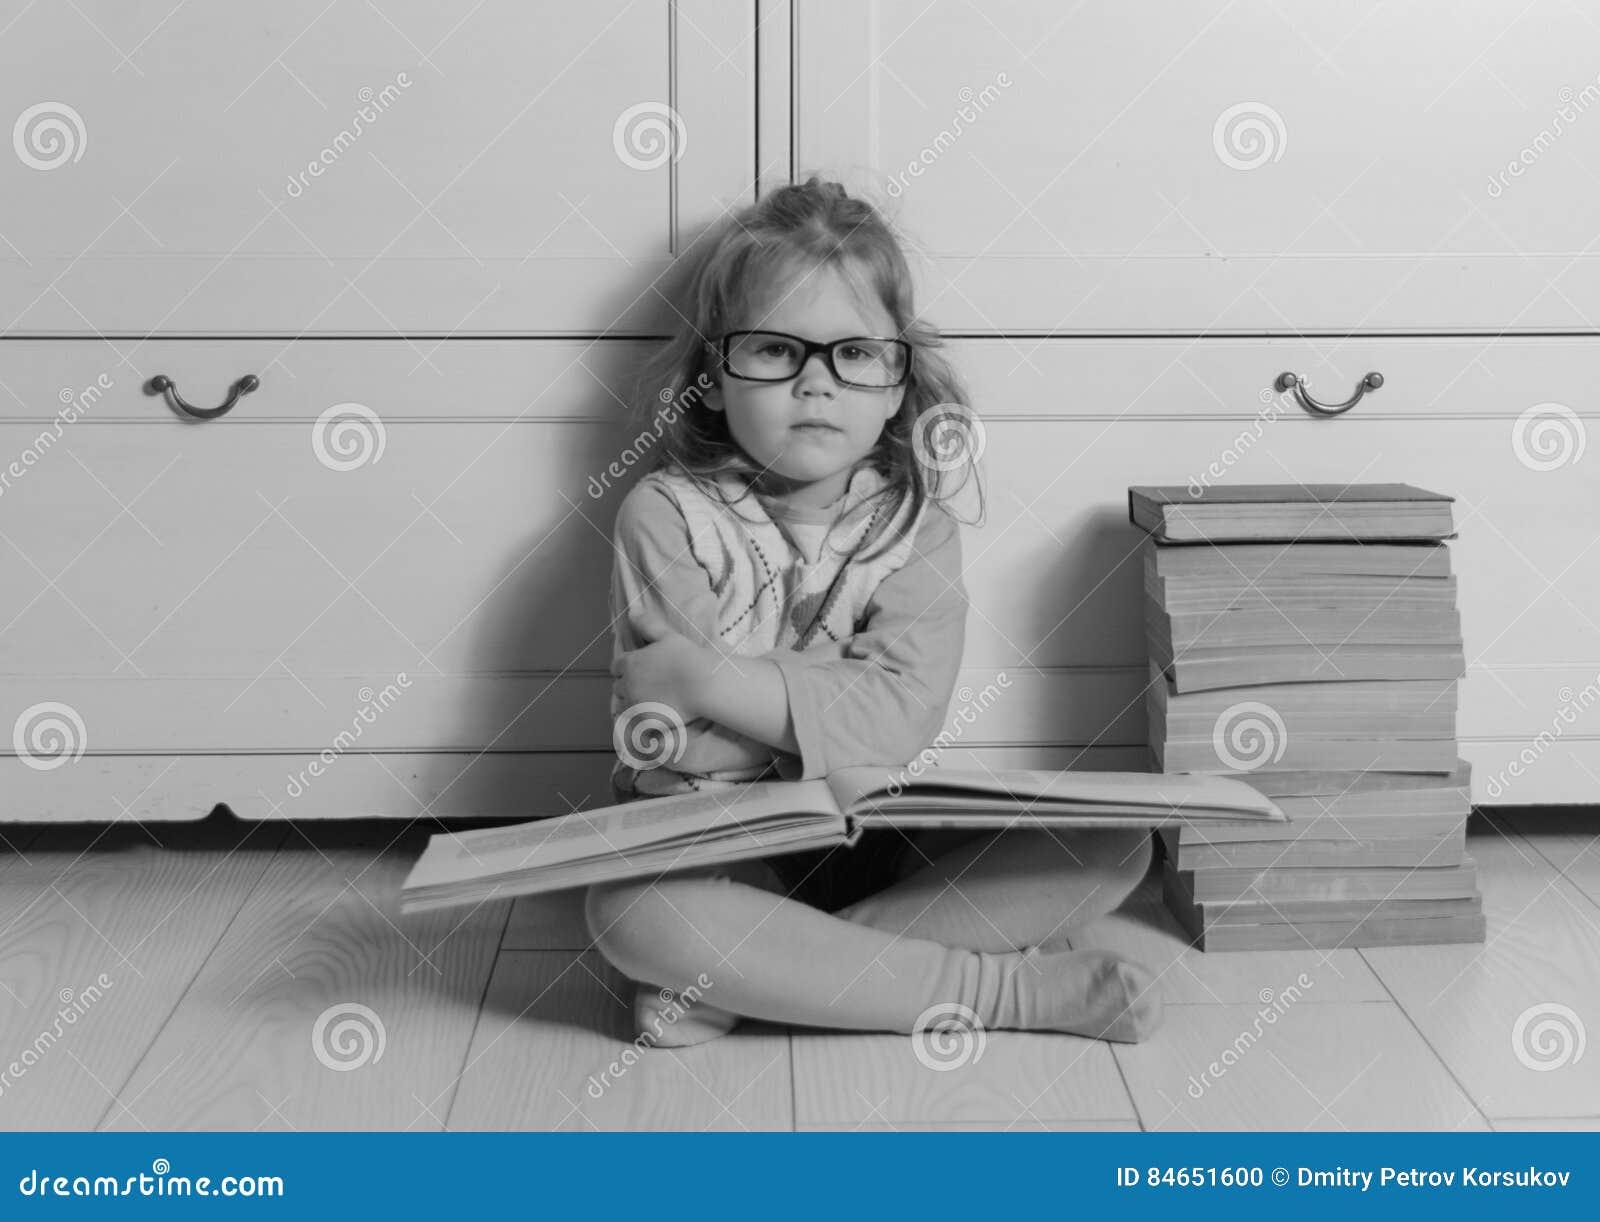 Dziewczynka siedzi na podłoga z książką i szkłami, czarny i biały